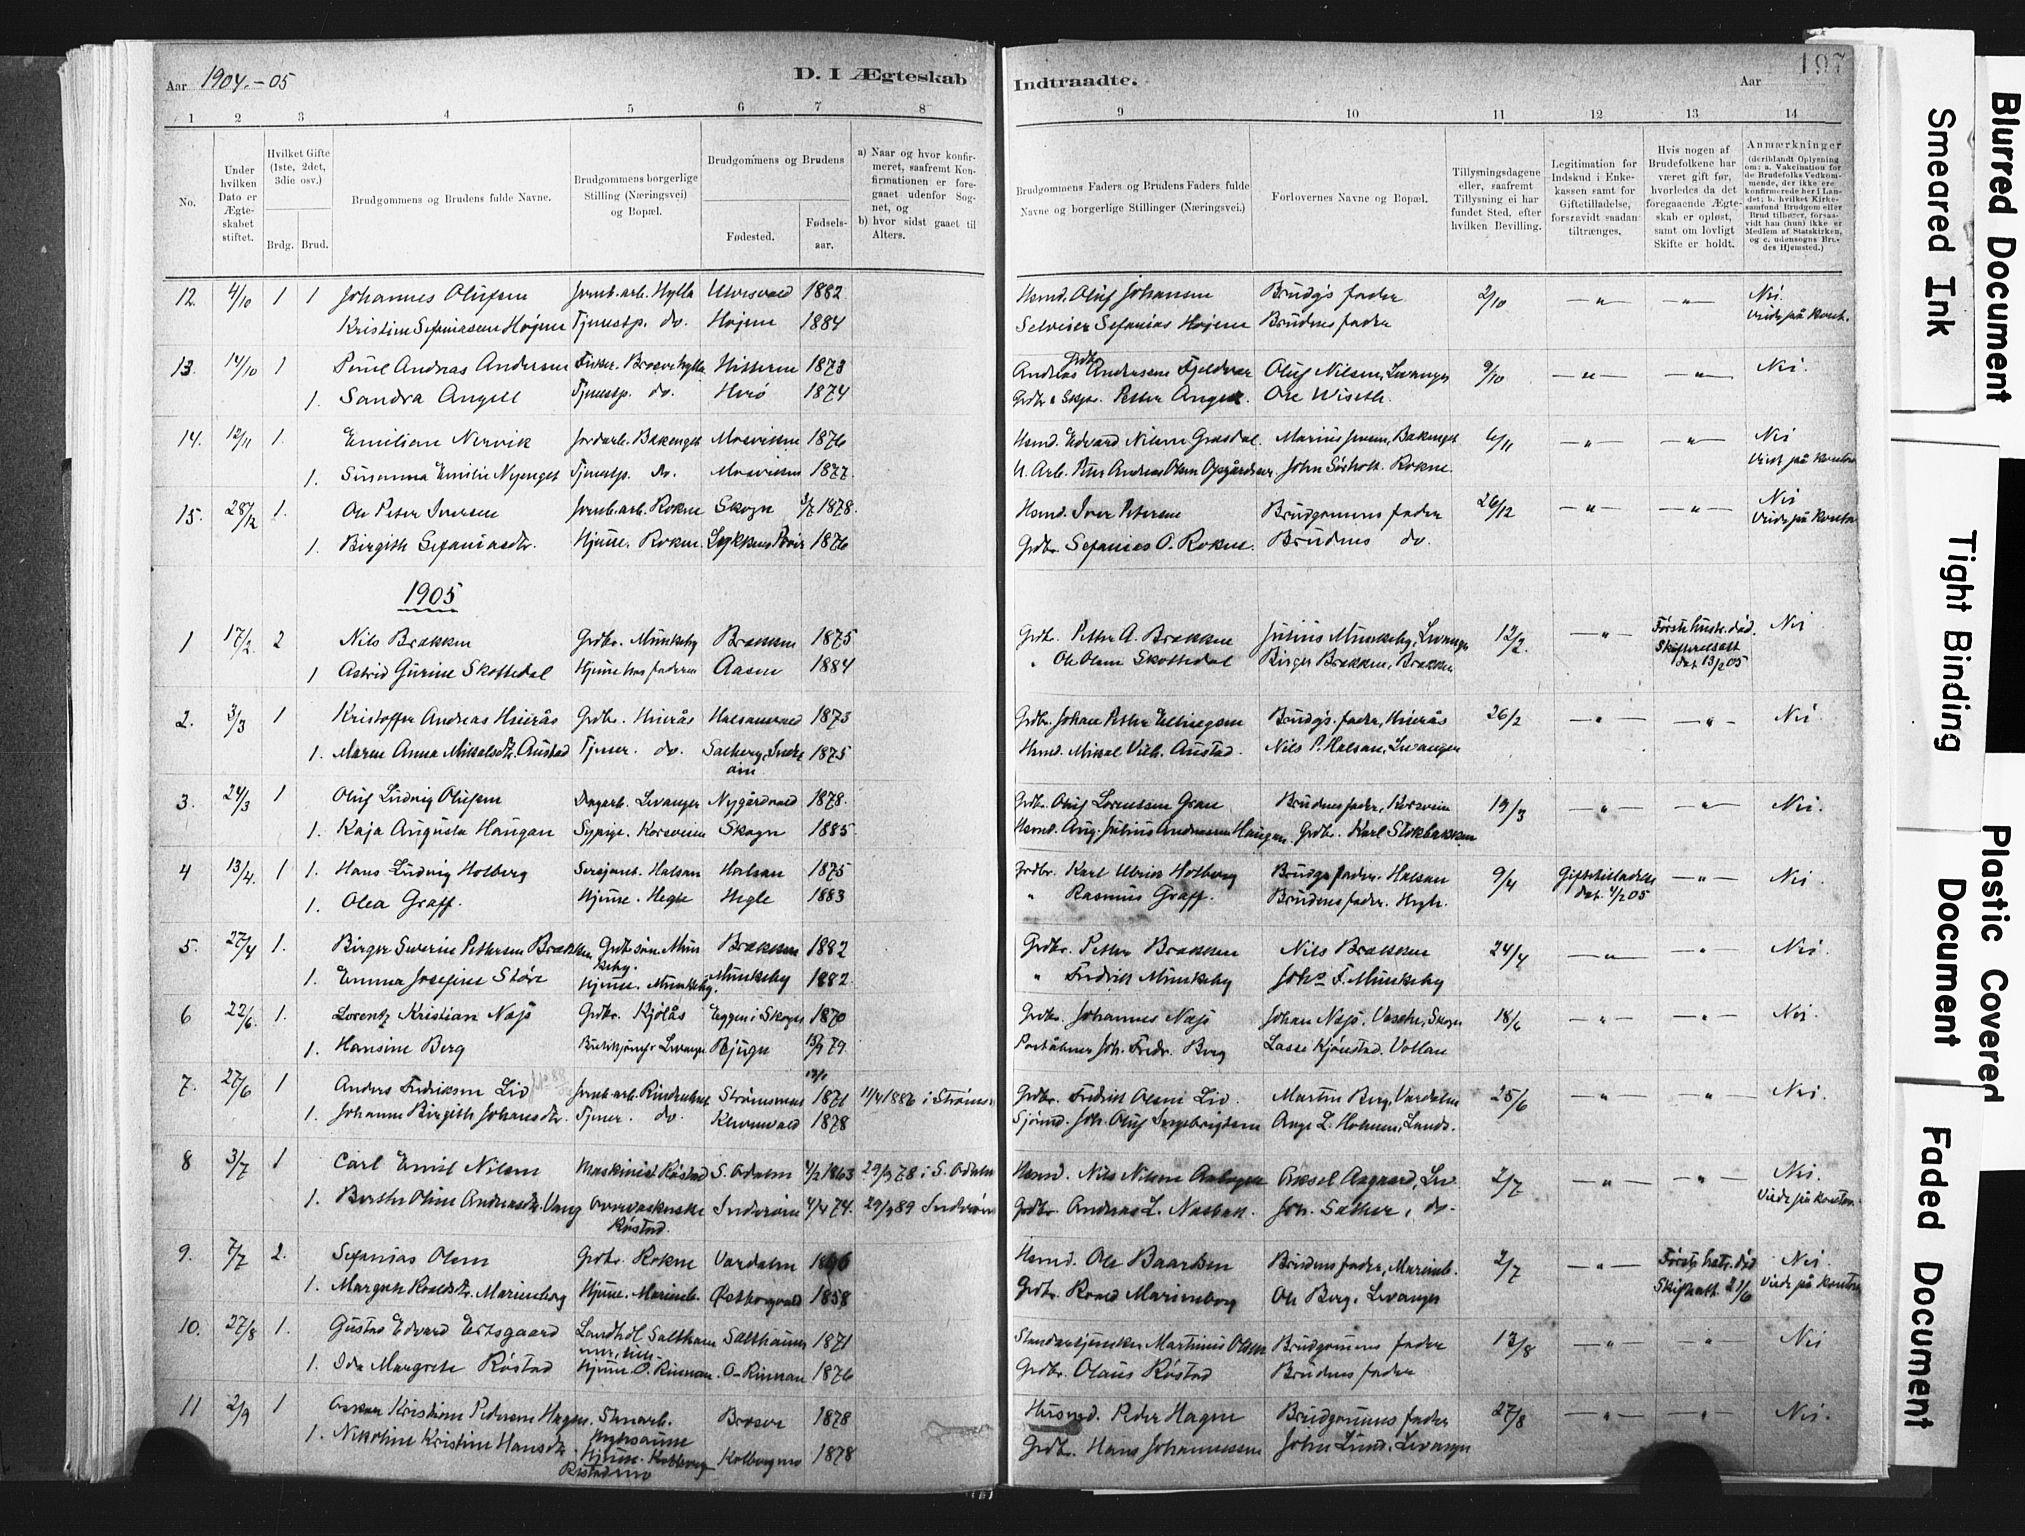 SAT, Ministerialprotokoller, klokkerbøker og fødselsregistre - Nord-Trøndelag, 721/L0207: Ministerialbok nr. 721A02, 1880-1911, s. 197